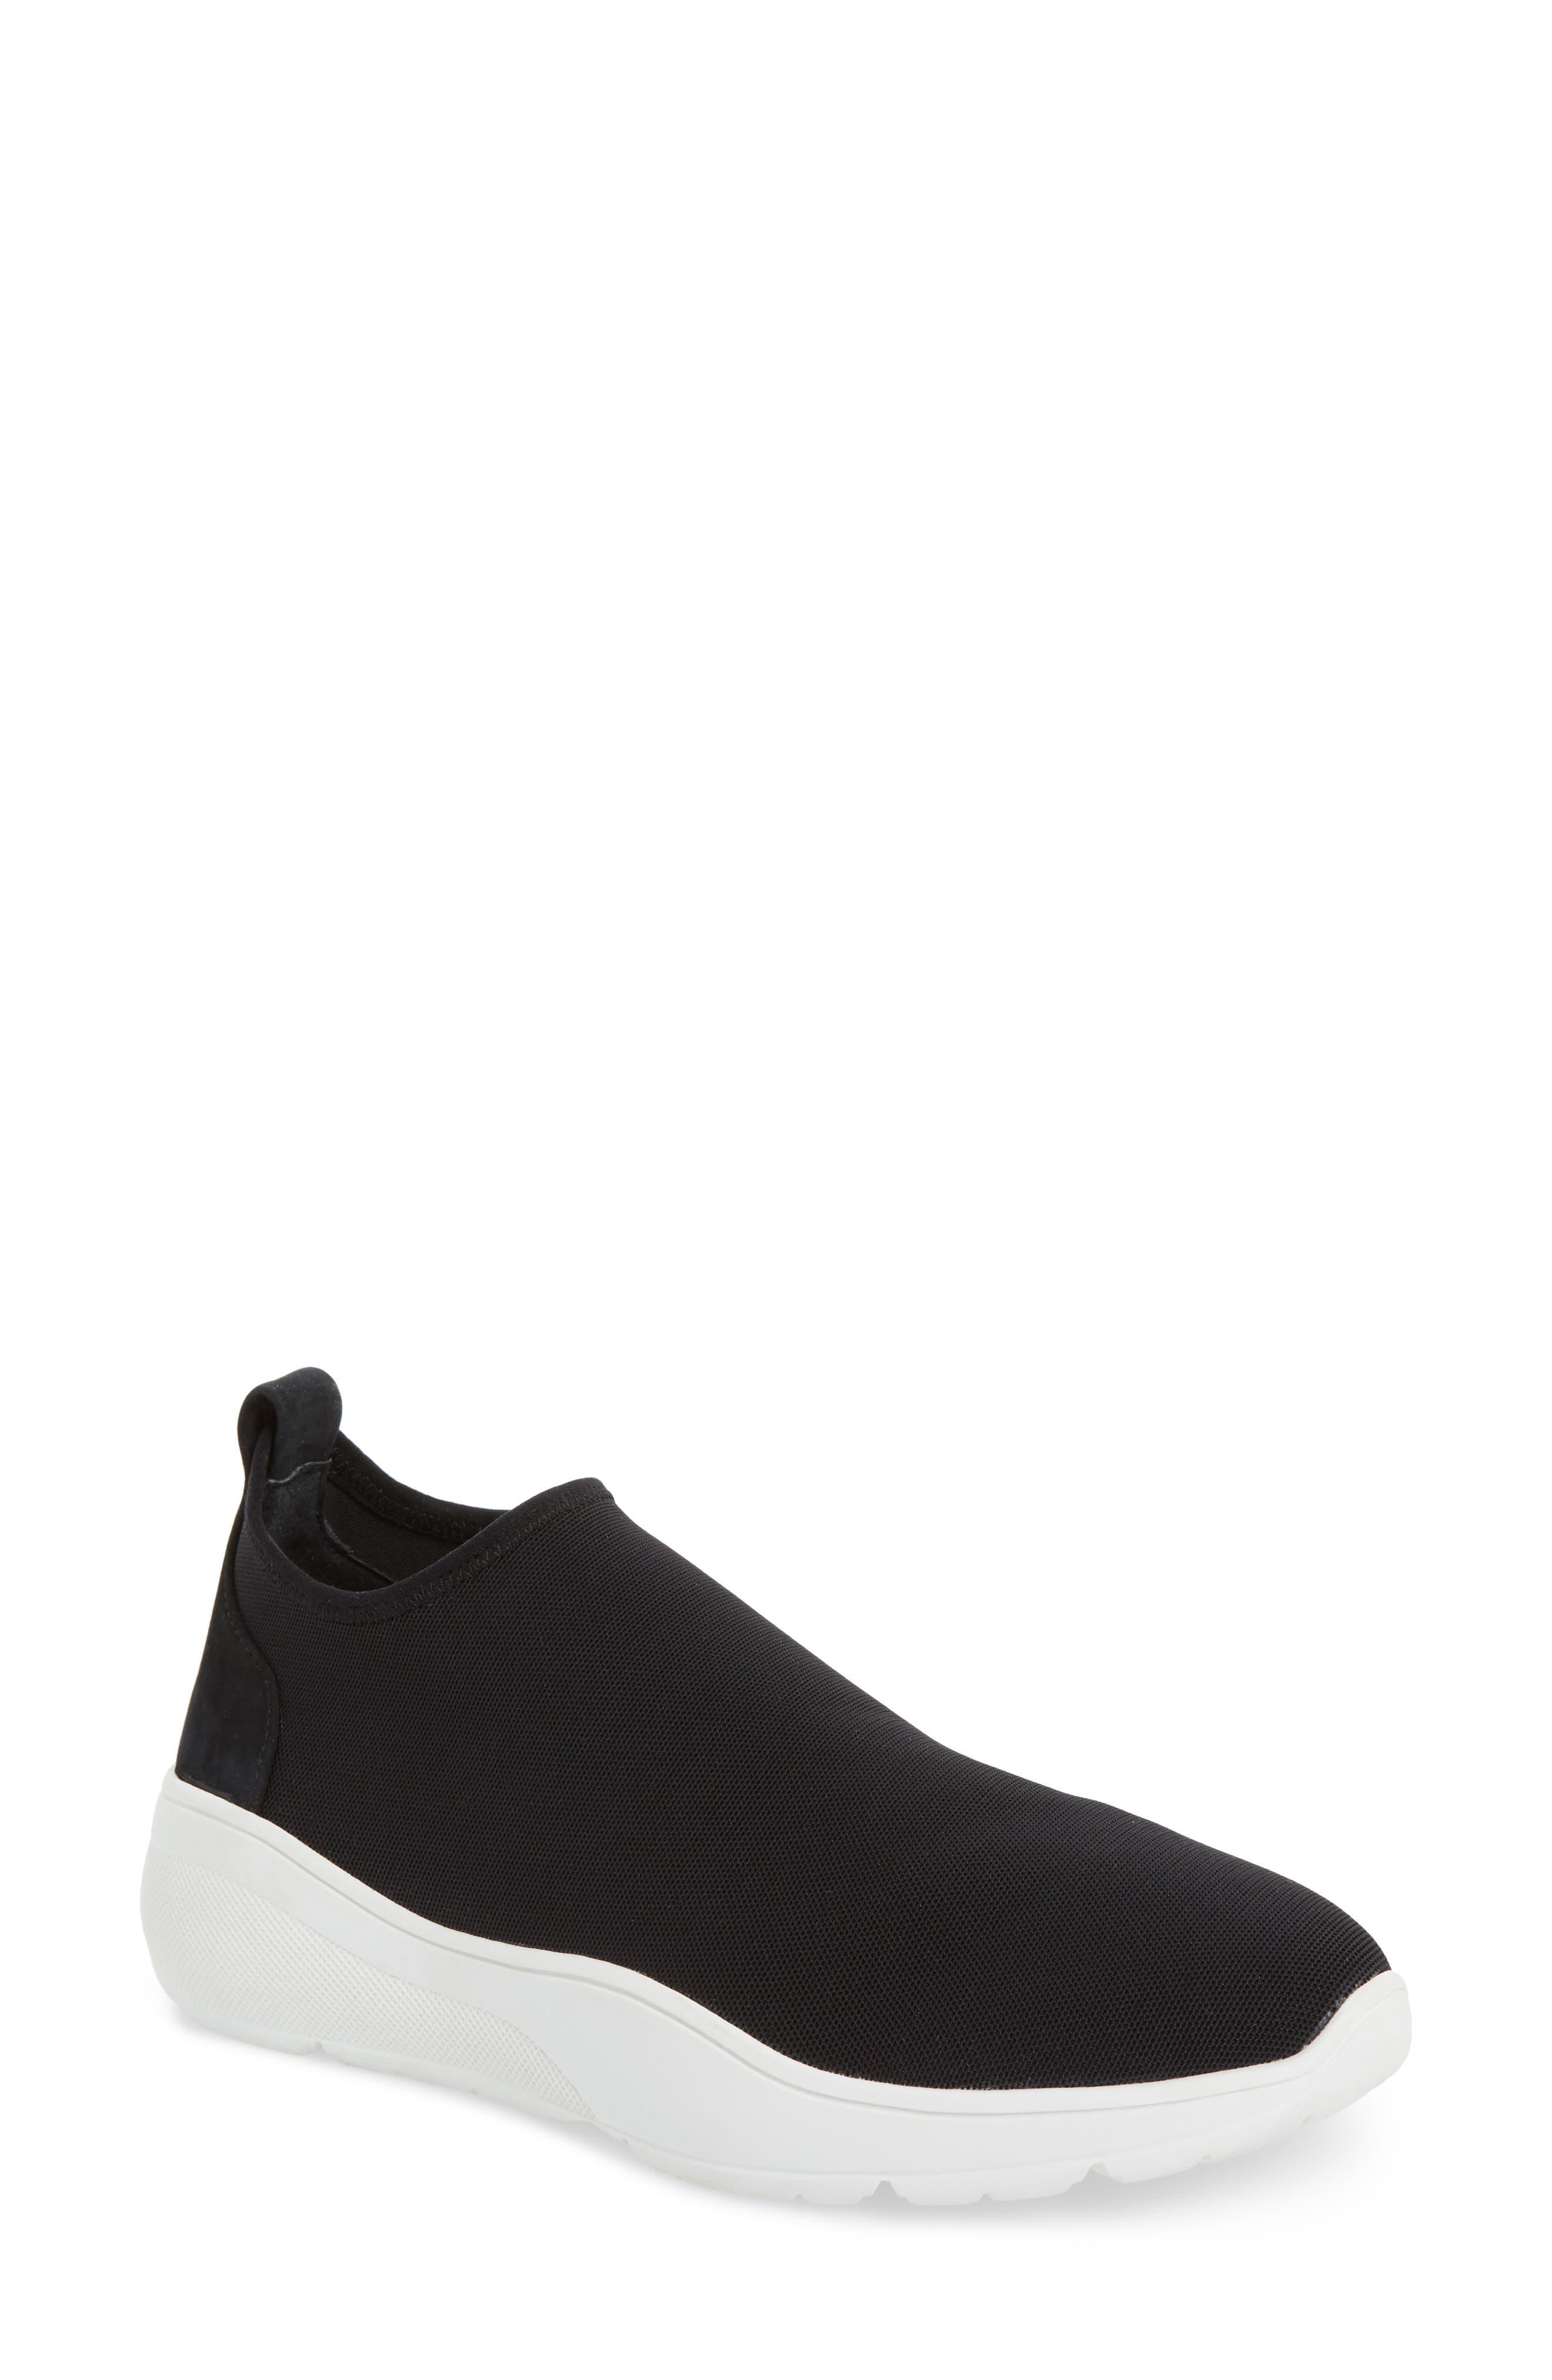 KATE SPADE NEW YORK,                             bradlee slip-on sneaker,                             Main thumbnail 1, color,                             001